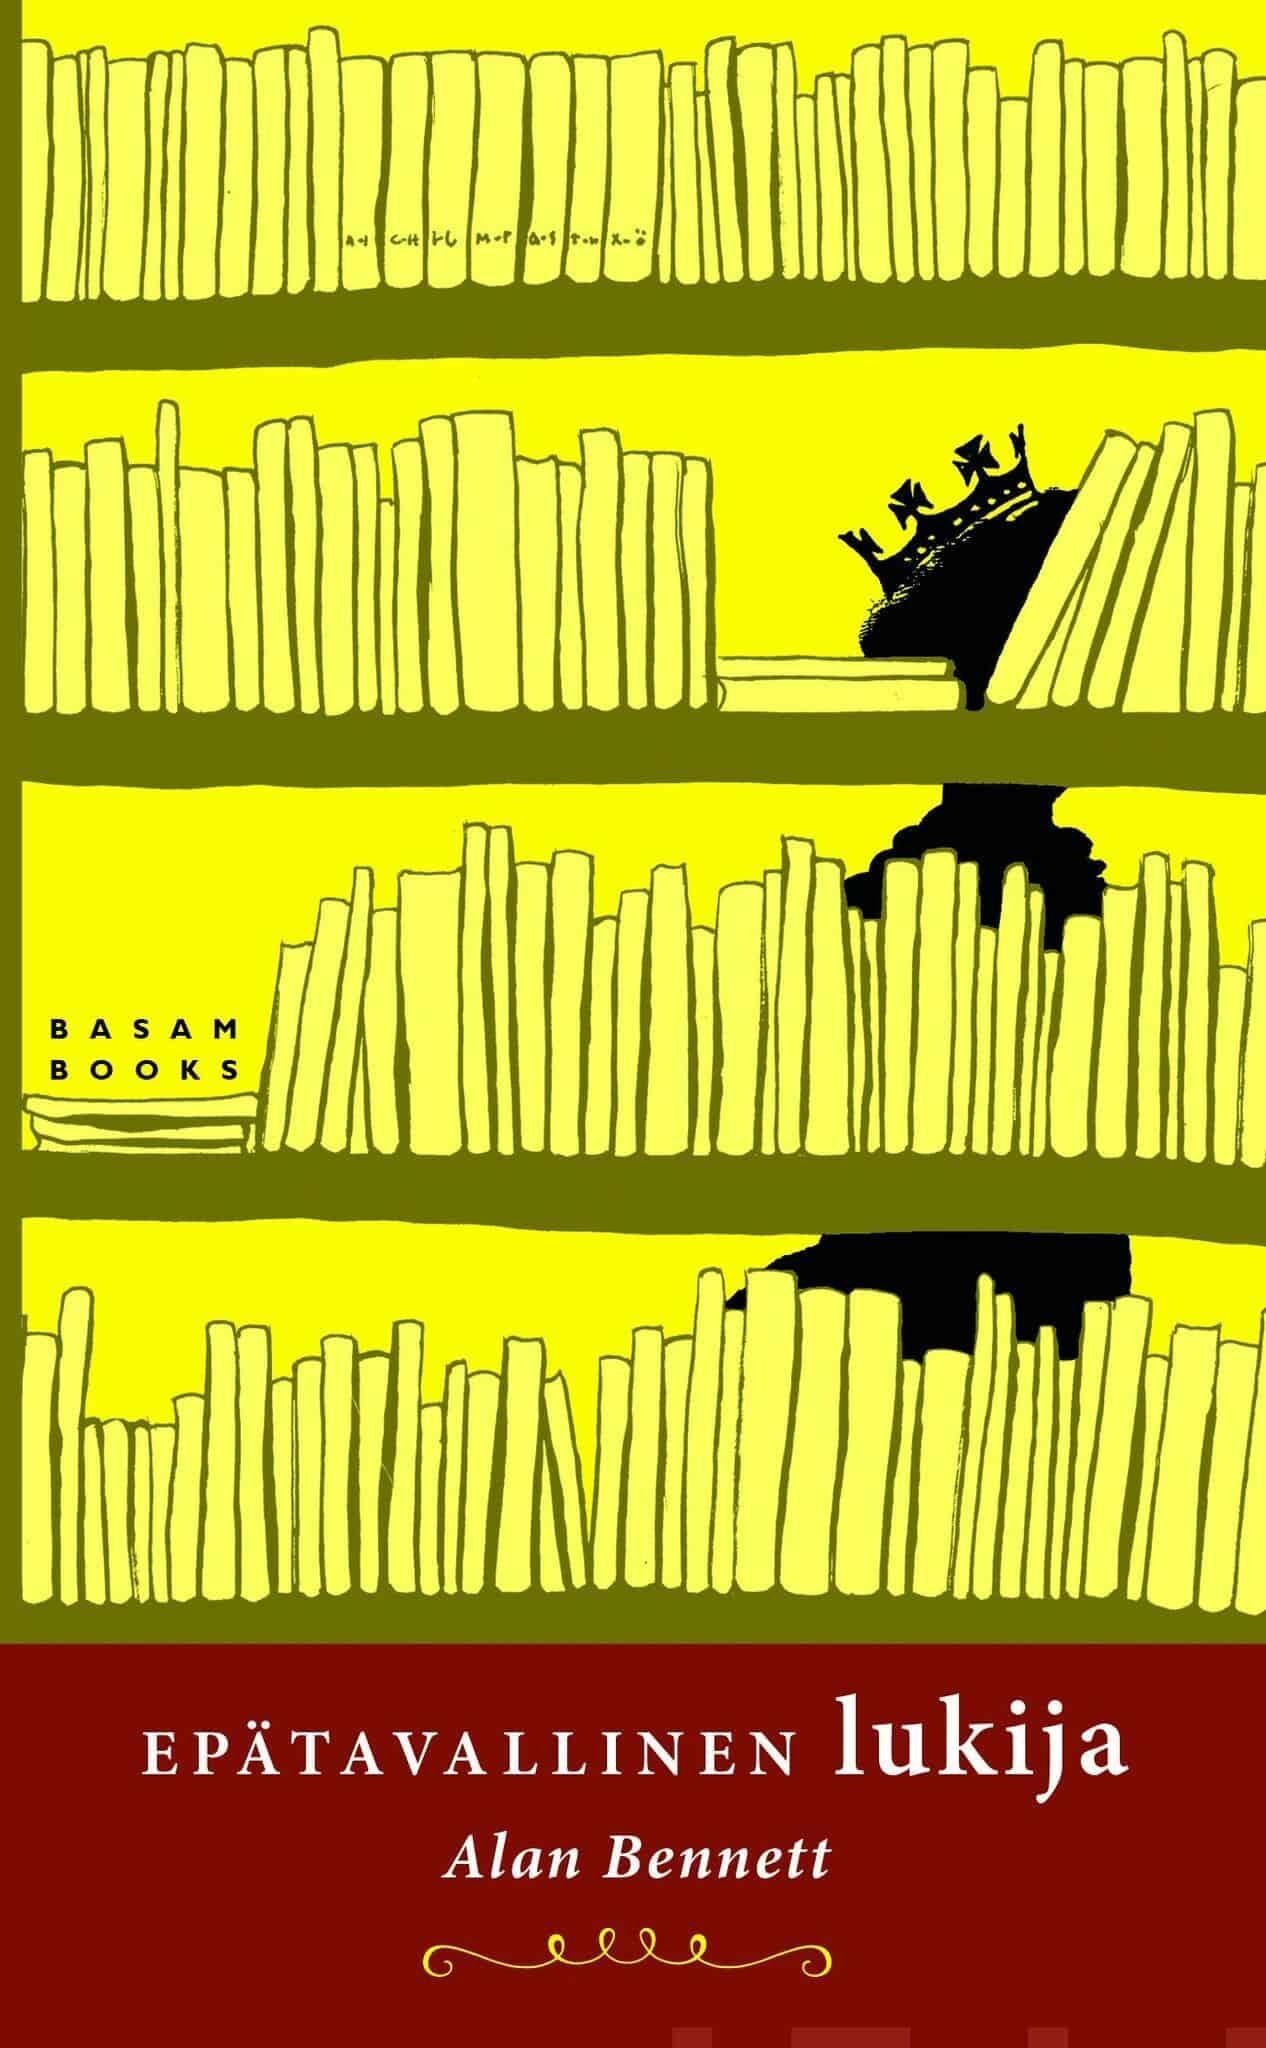 Kansi: Alan Bennett: Epätavallinen lukija